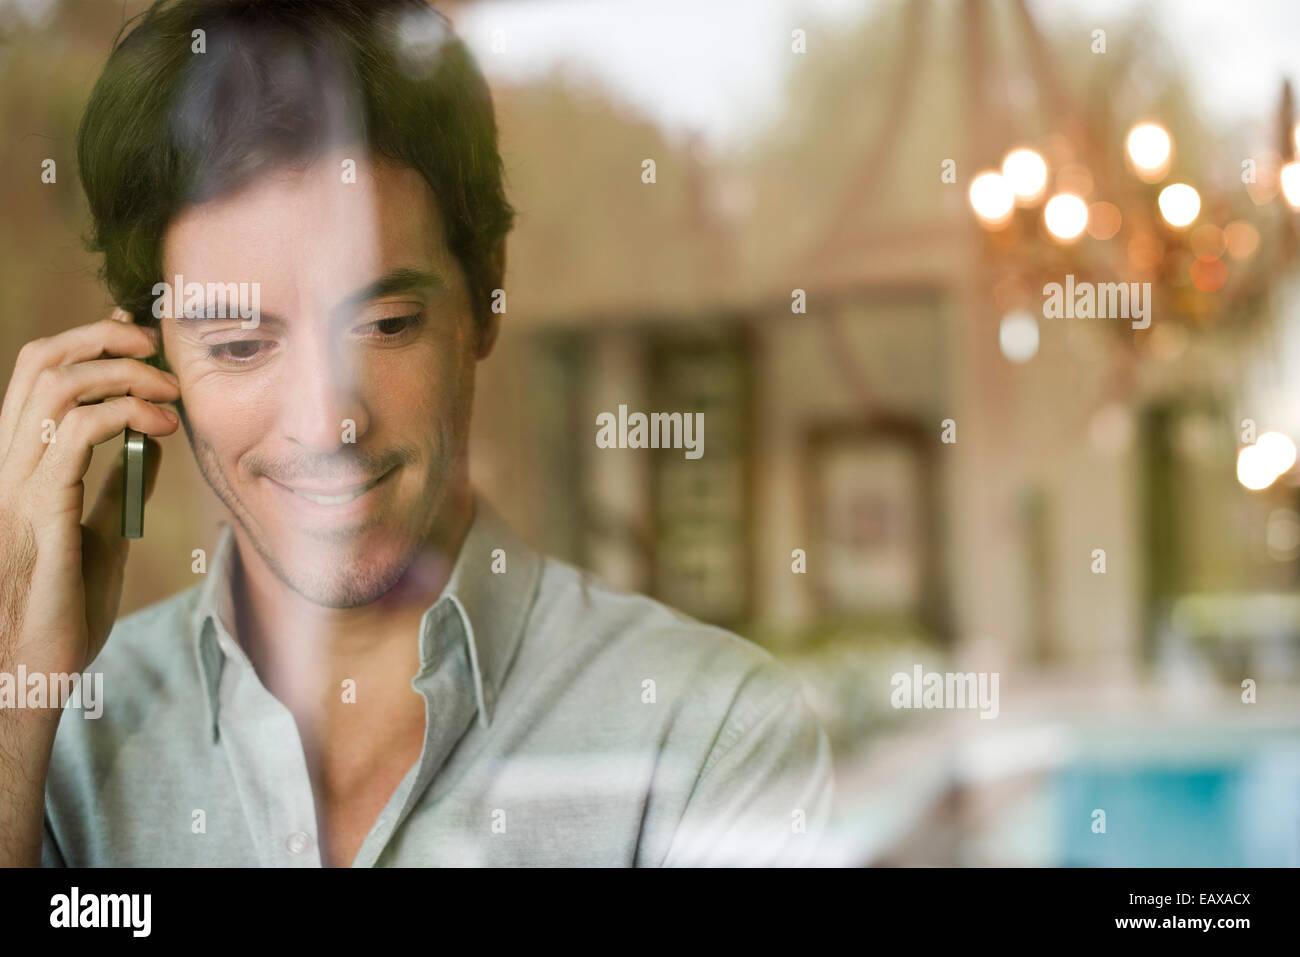 Hombre utilizando teléfono celular en casa Imagen De Stock